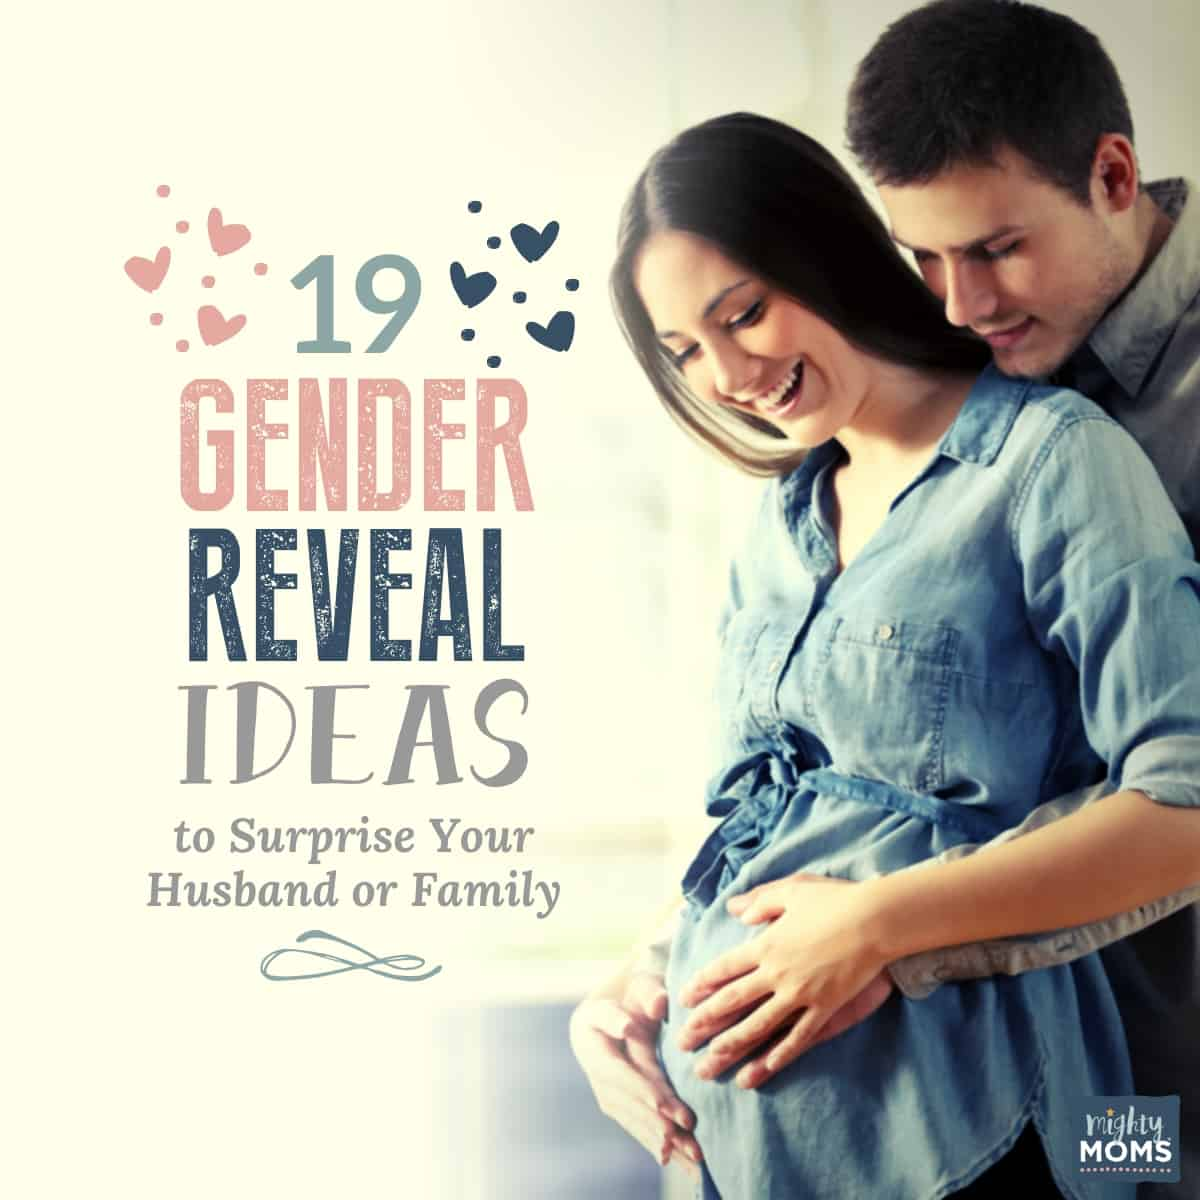 19 gender reveal surprise party ideas